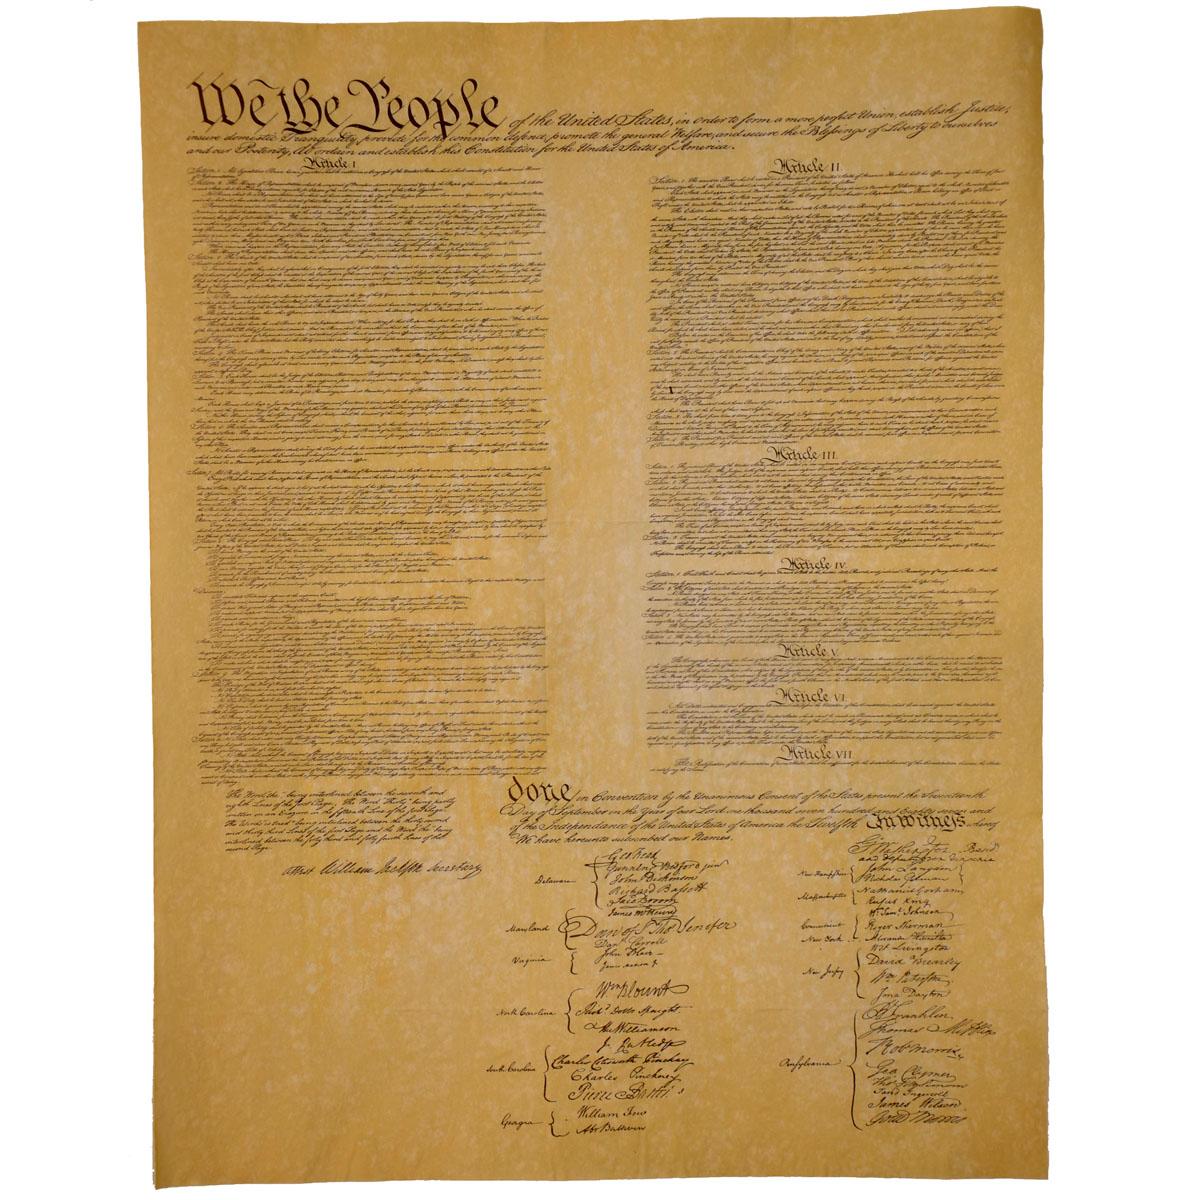 u.s. constitution dbq essay